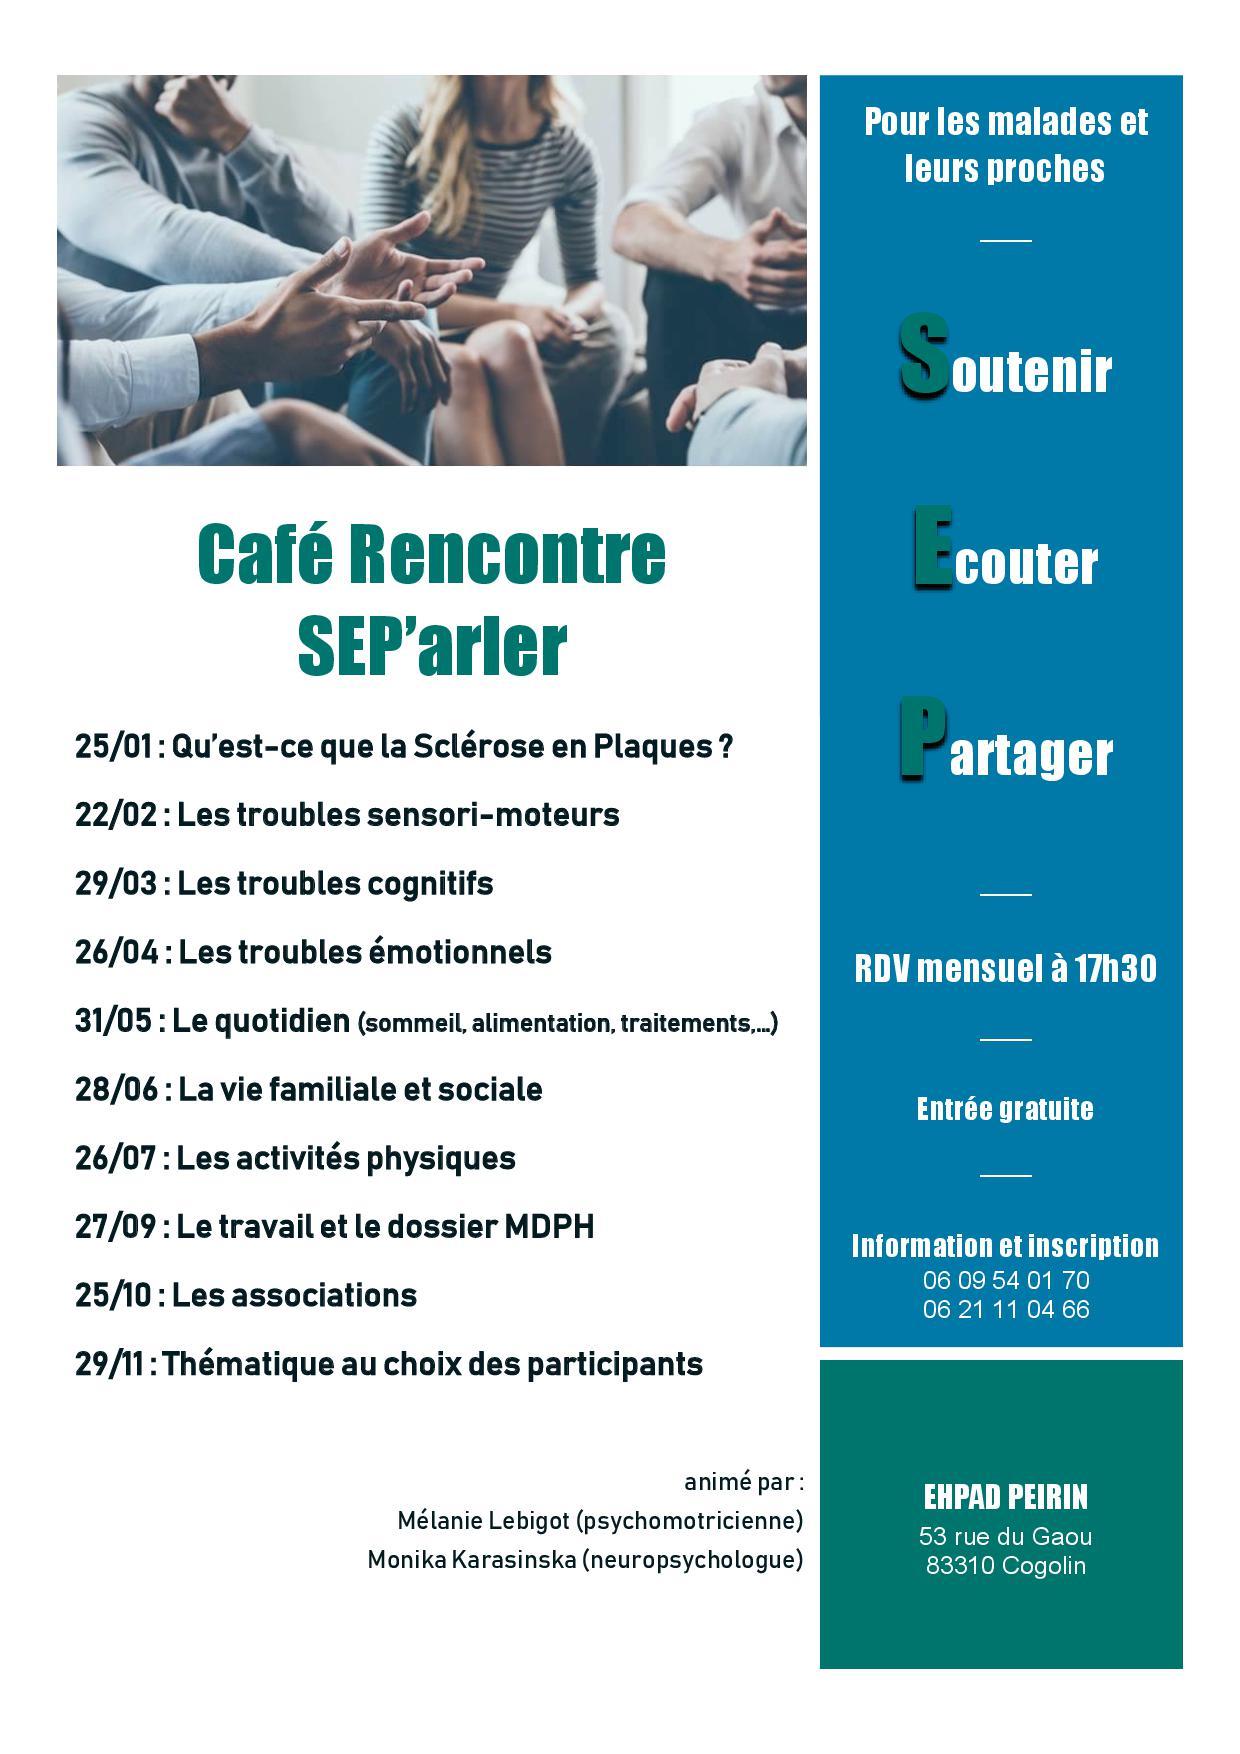 Café rencontre SEP'arler